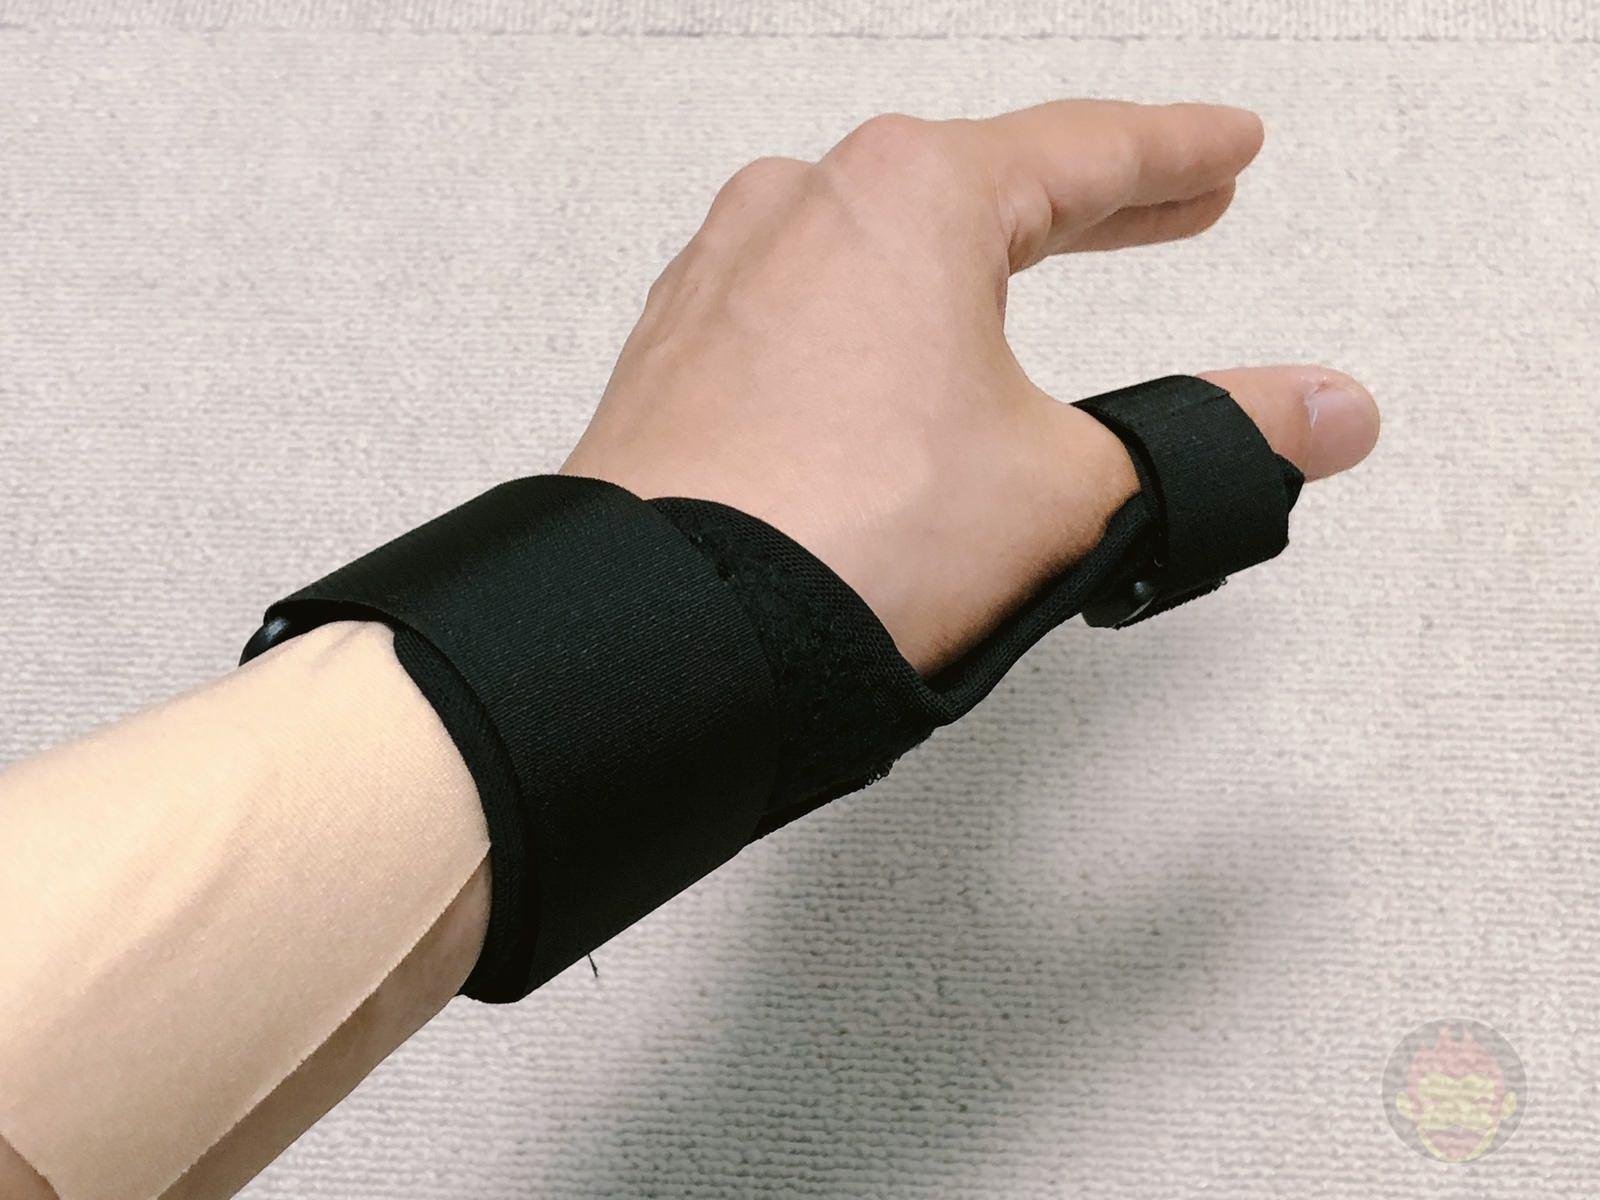 Pykes-Peak-Thumb-Supporter-02.jpg